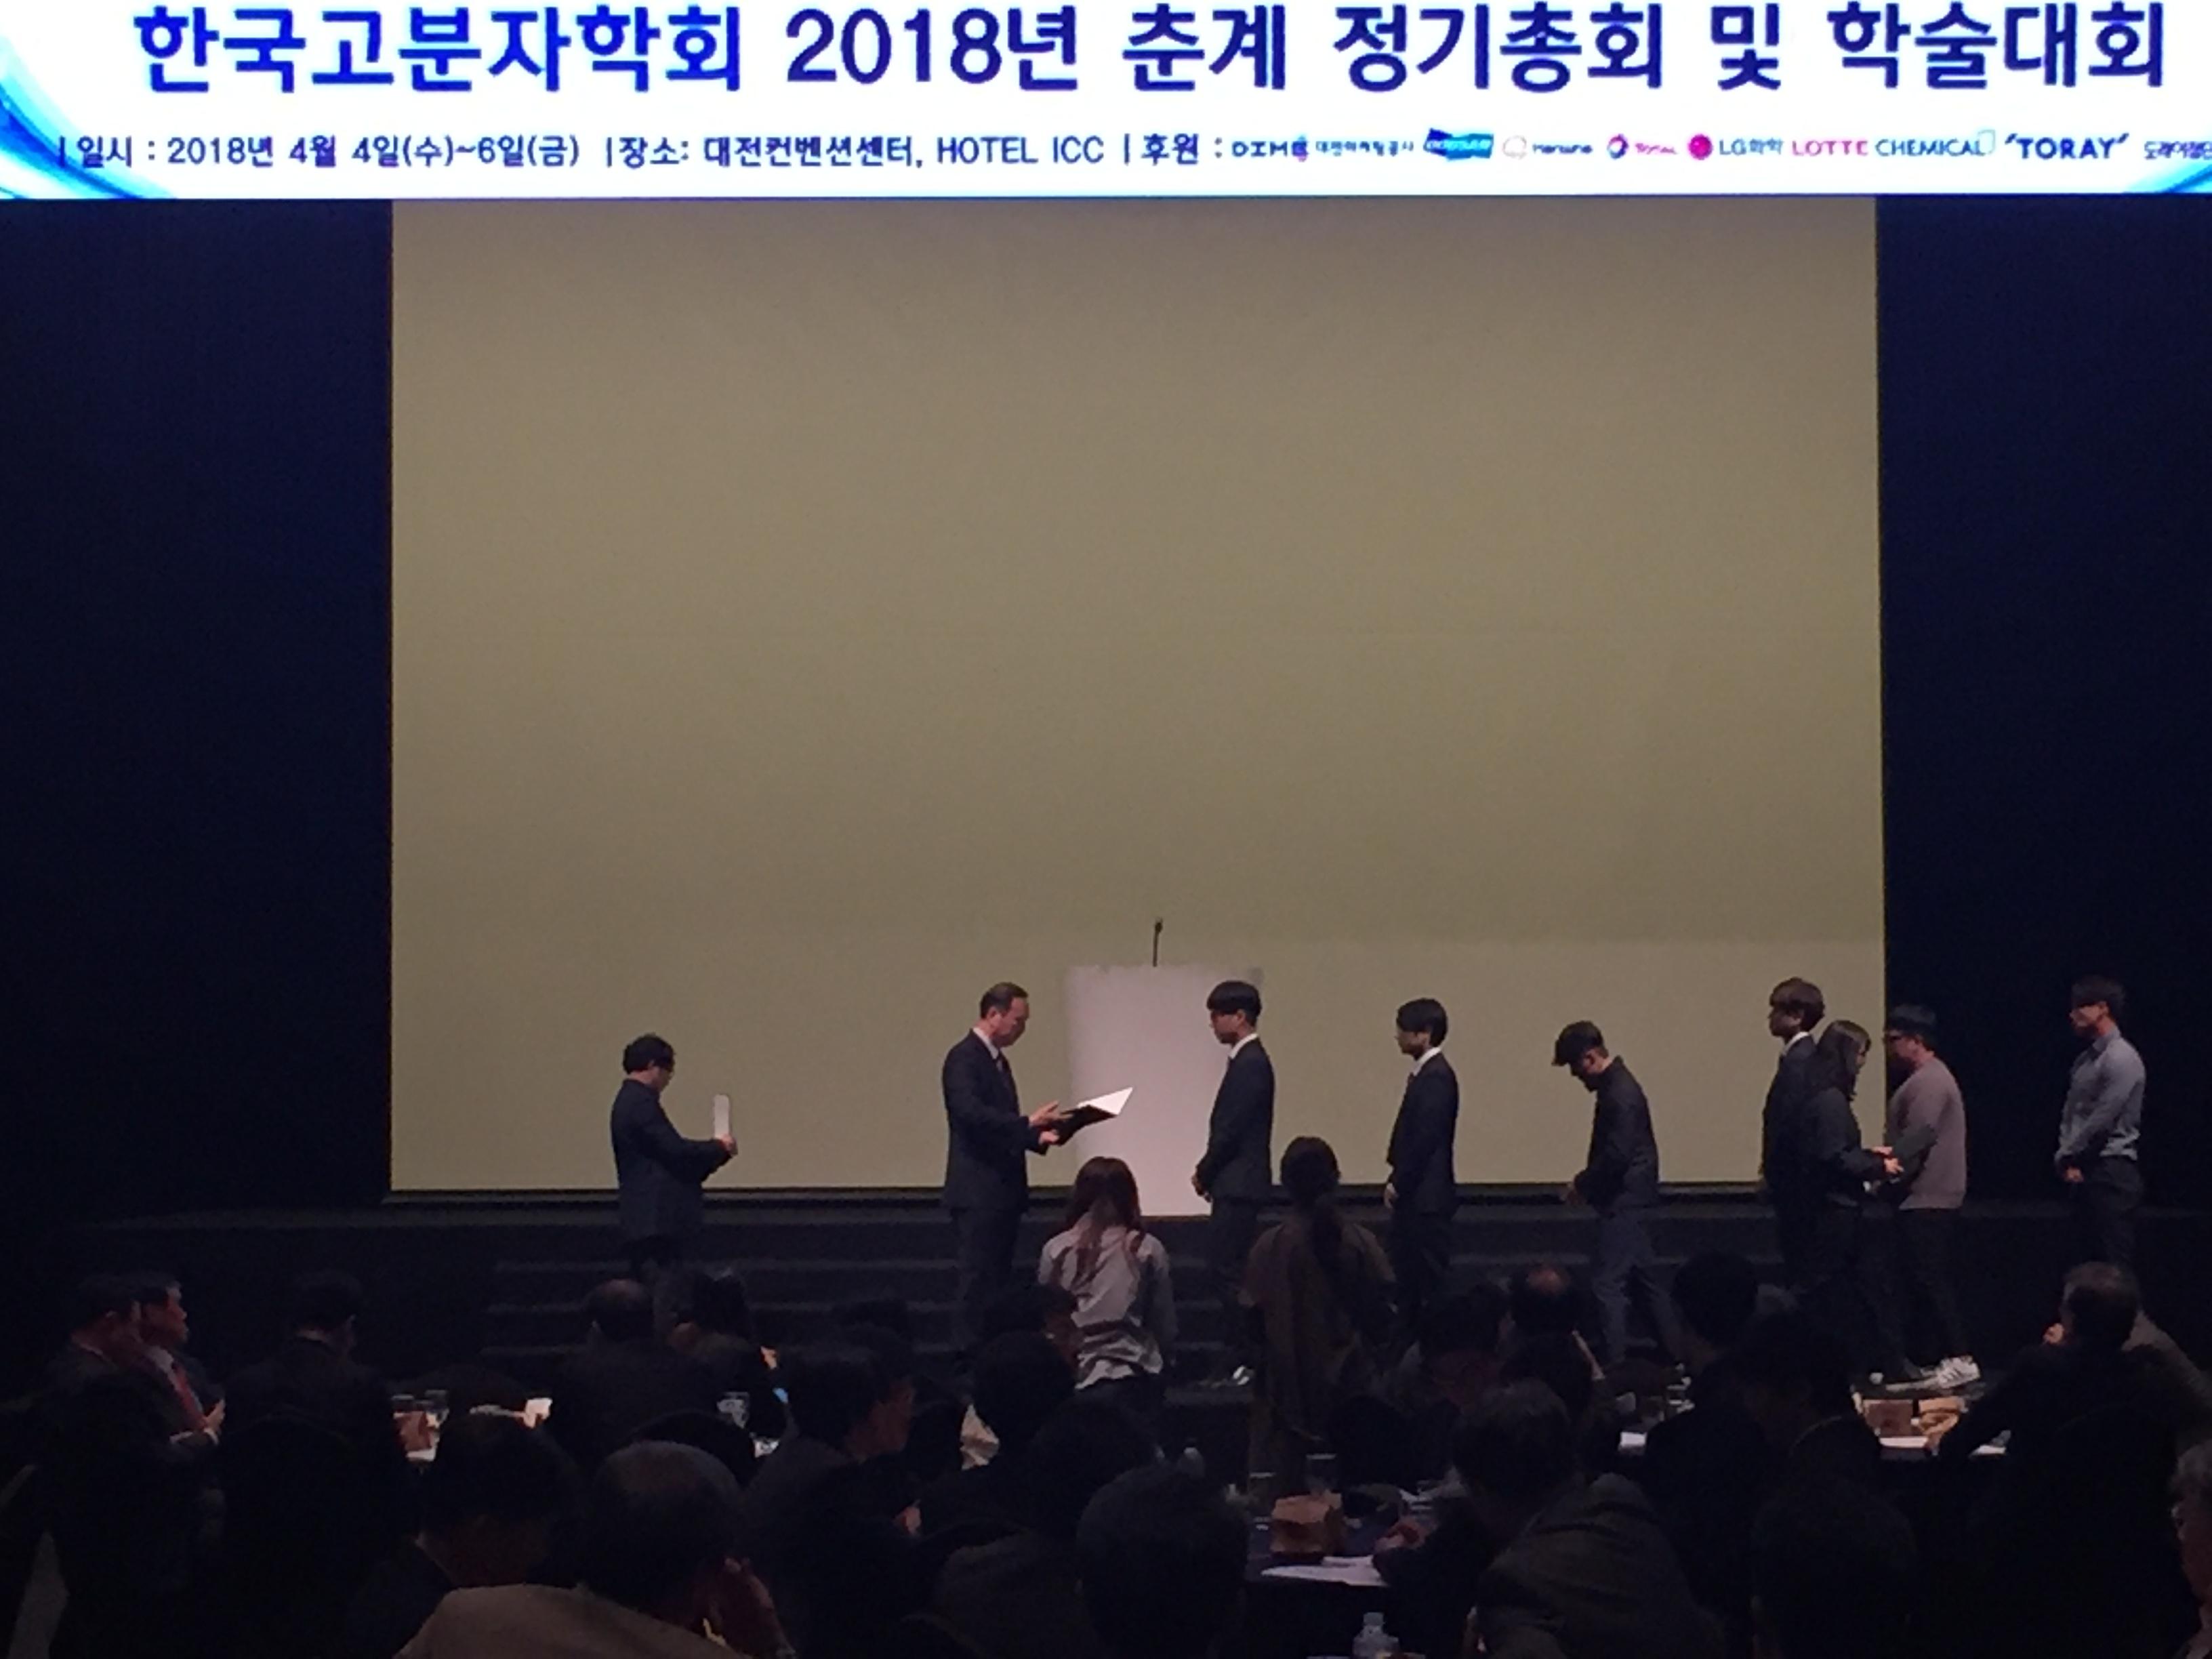 2018 춘계 고분자학회 오랄 수